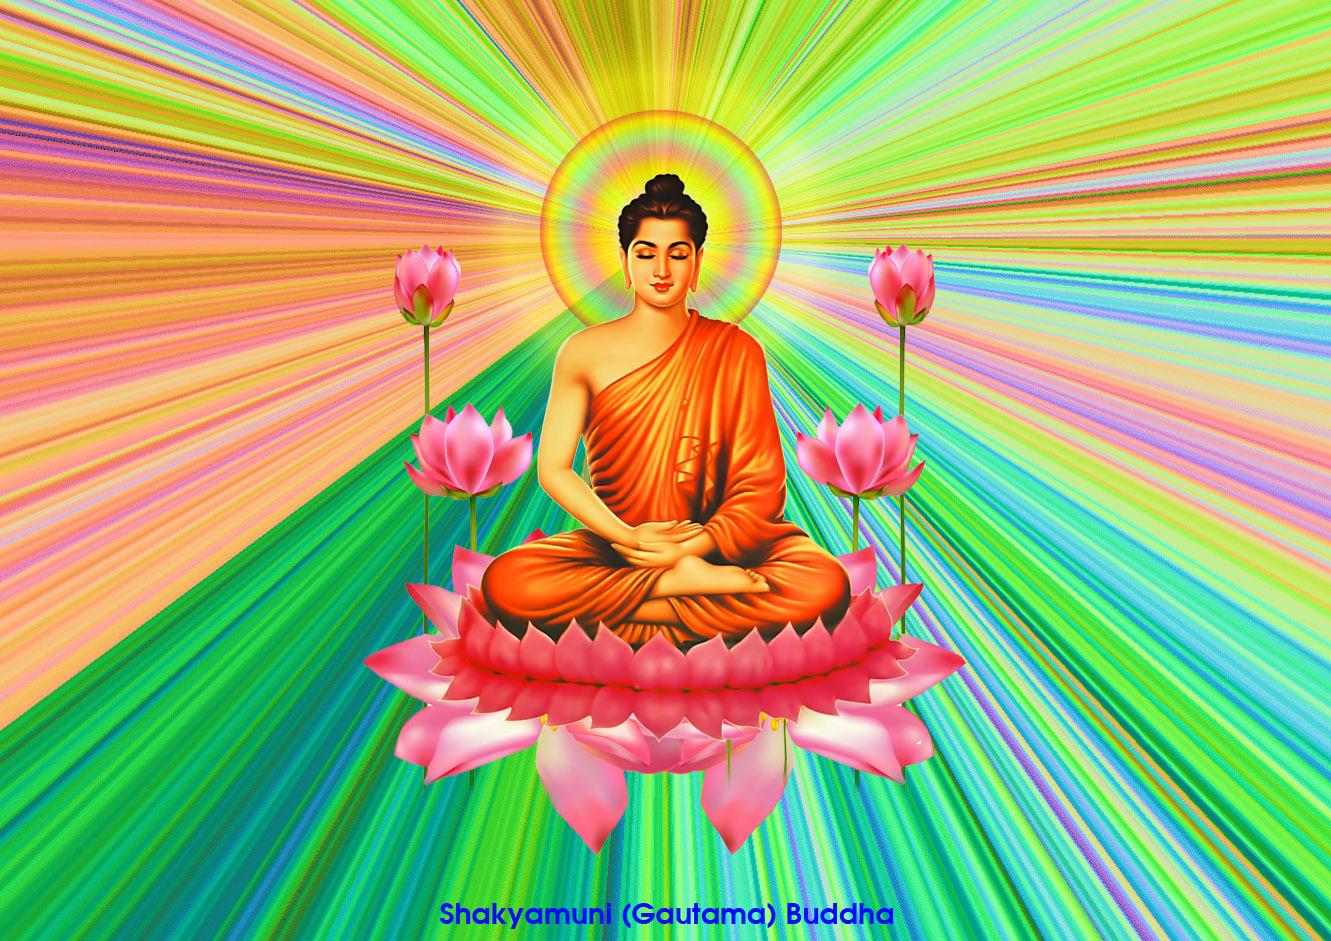 Phật Thích Ca Mâu Ni, Shakyamuni (Gautama) Buddha